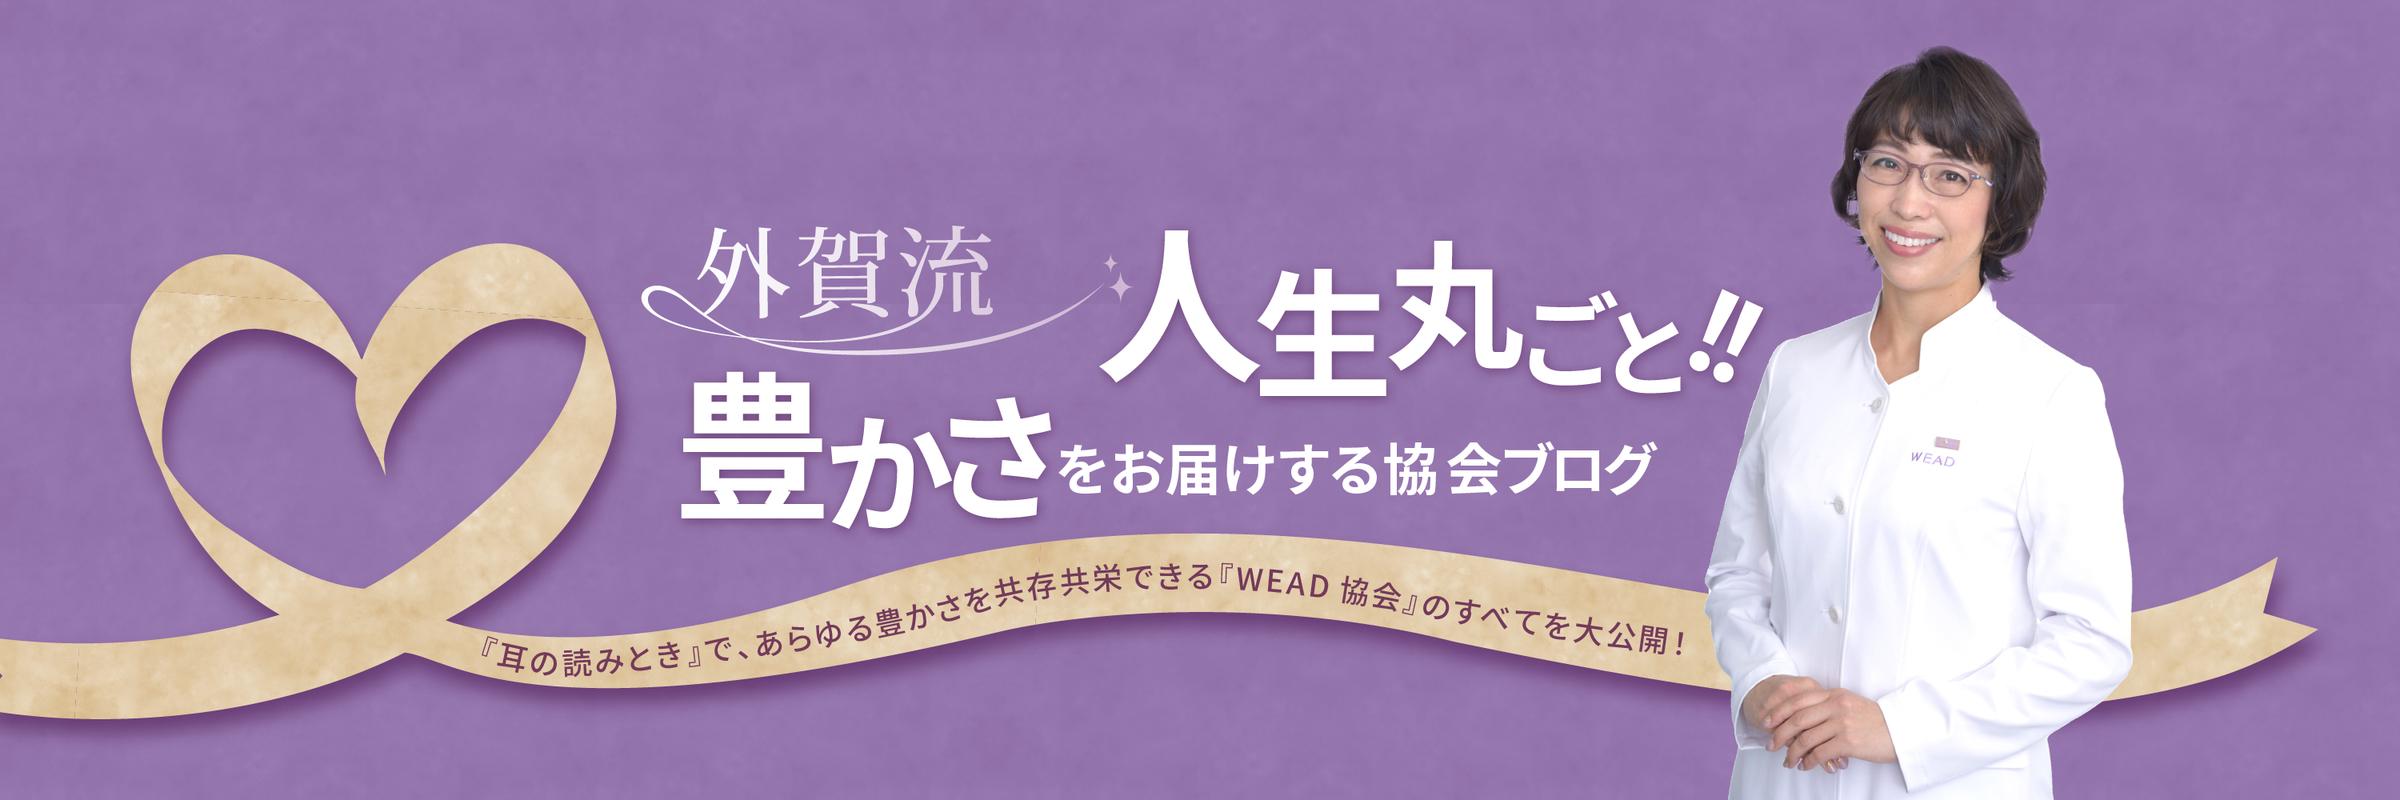 外賀流人生丸ごと!!豊かさをお届けするブログ